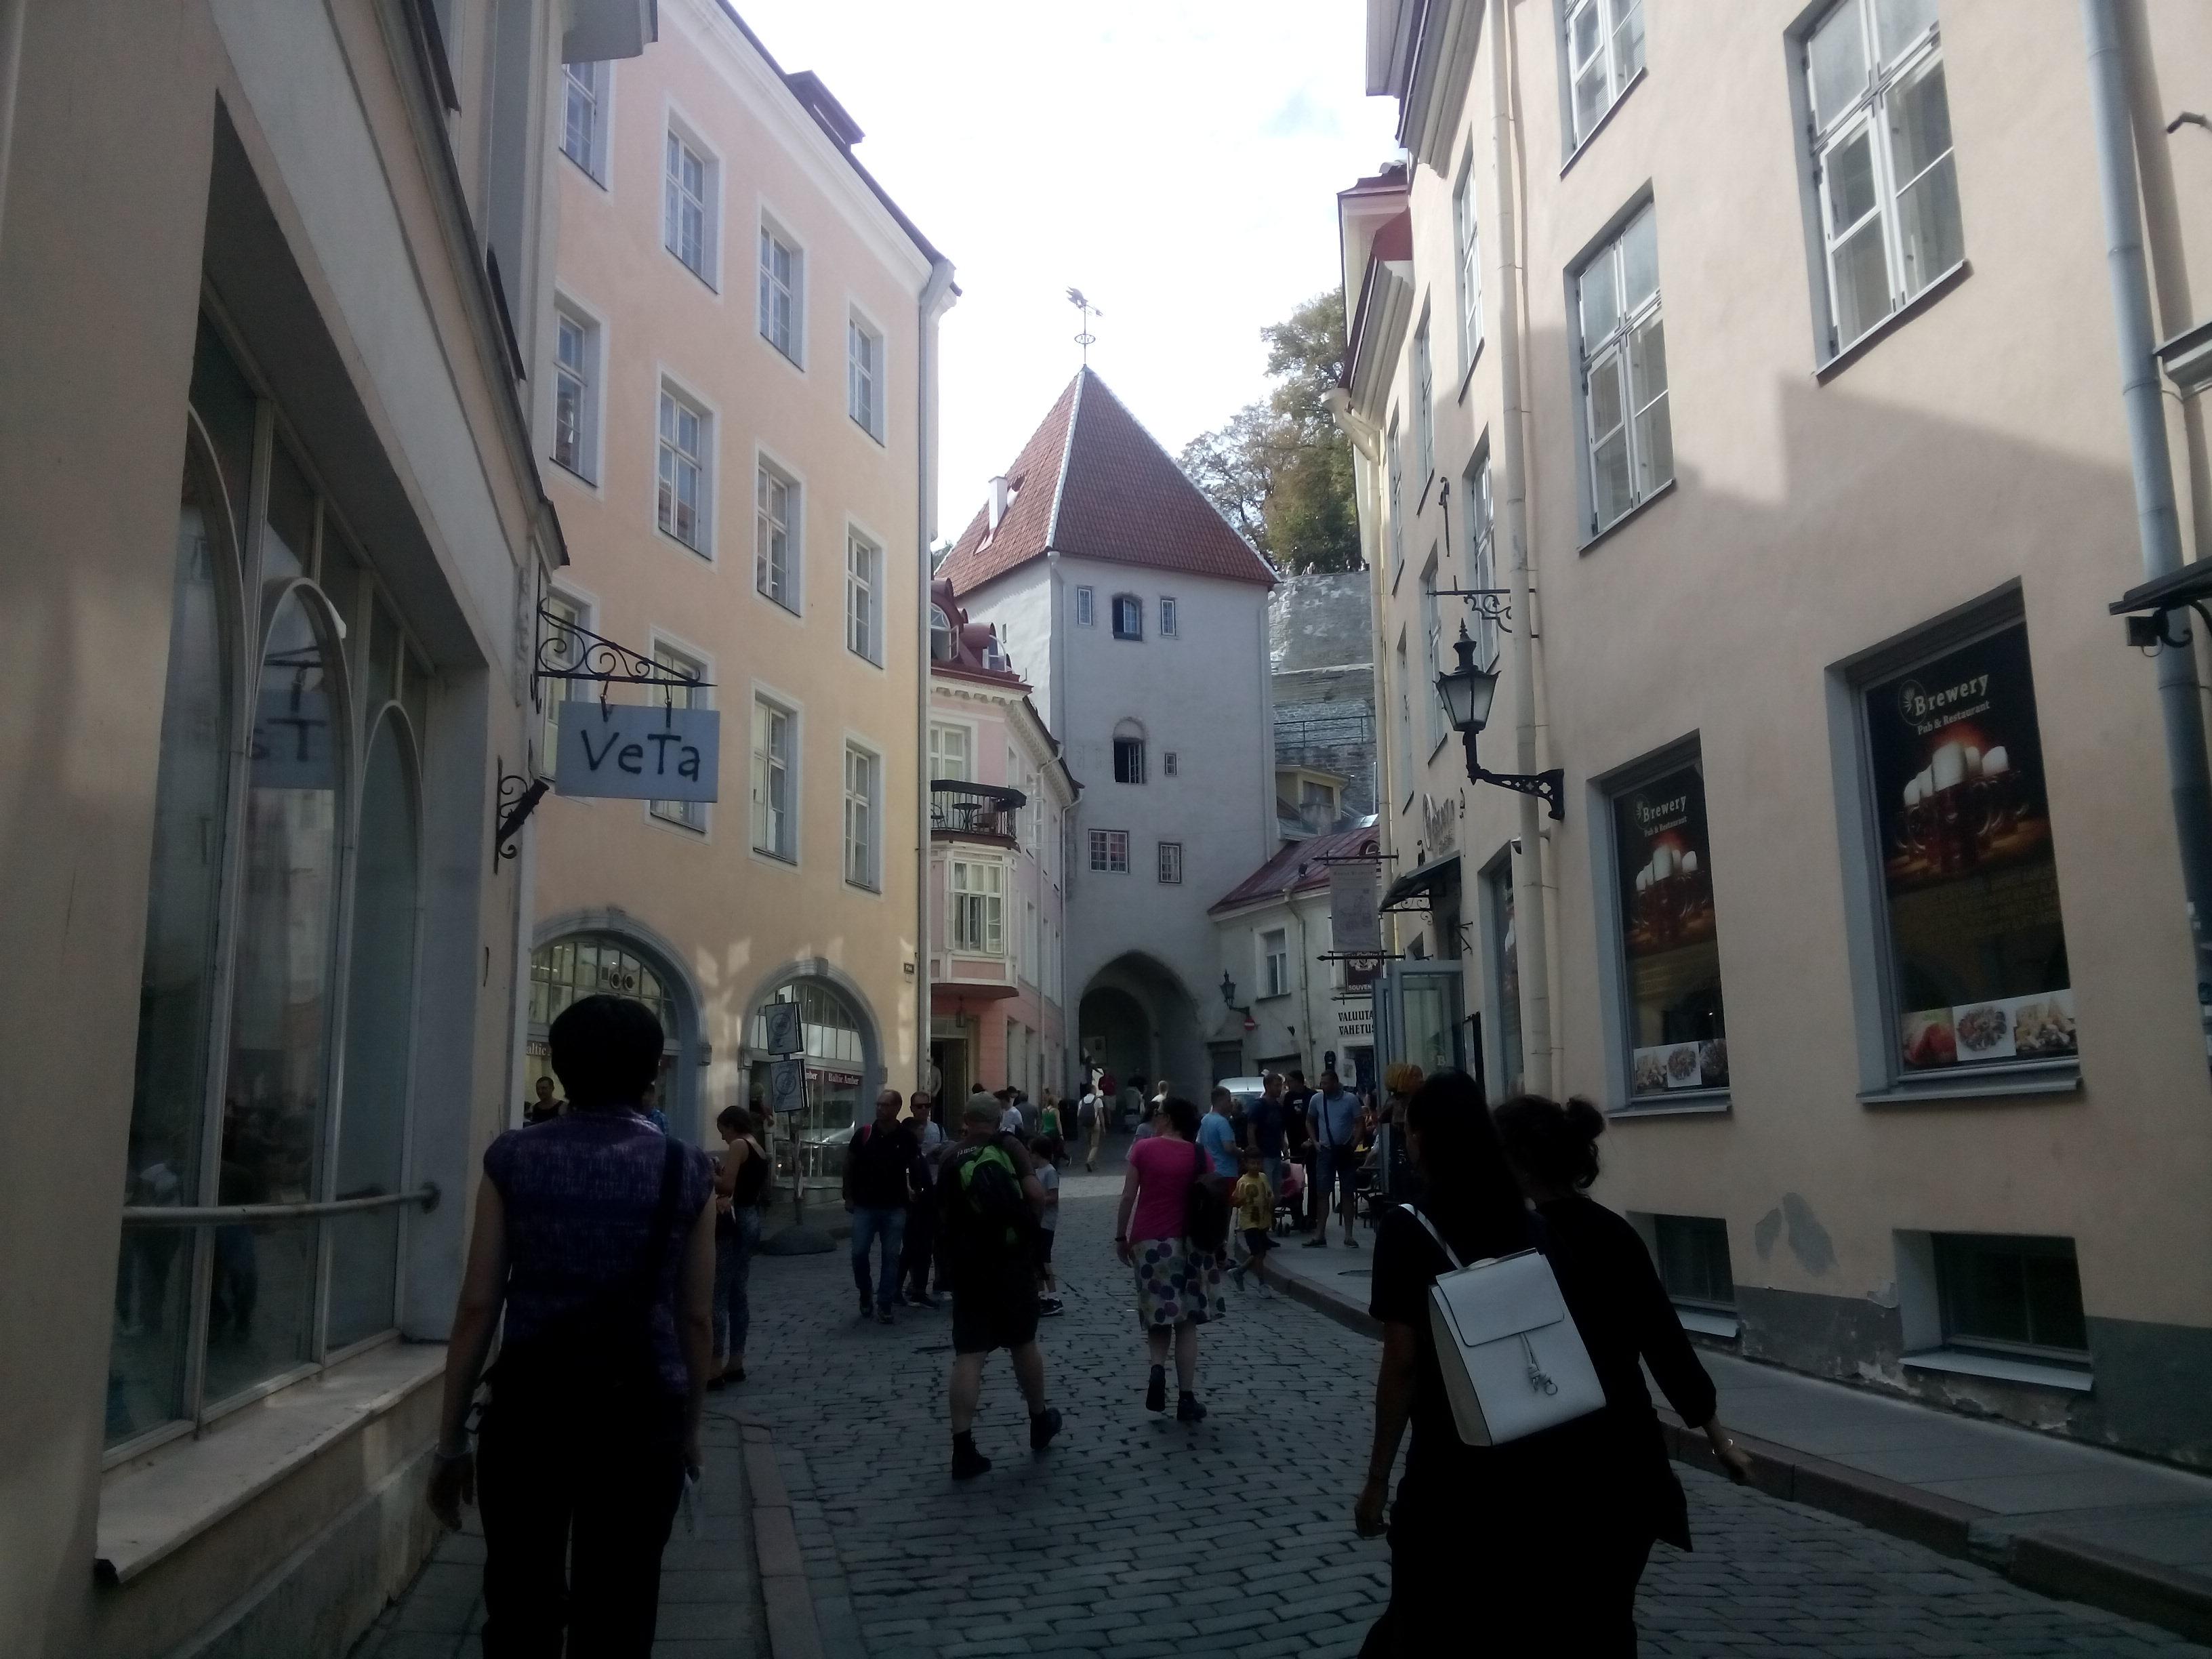 https://i.amy.gy/201808-estonia/IMG_20180811_141215.jpg